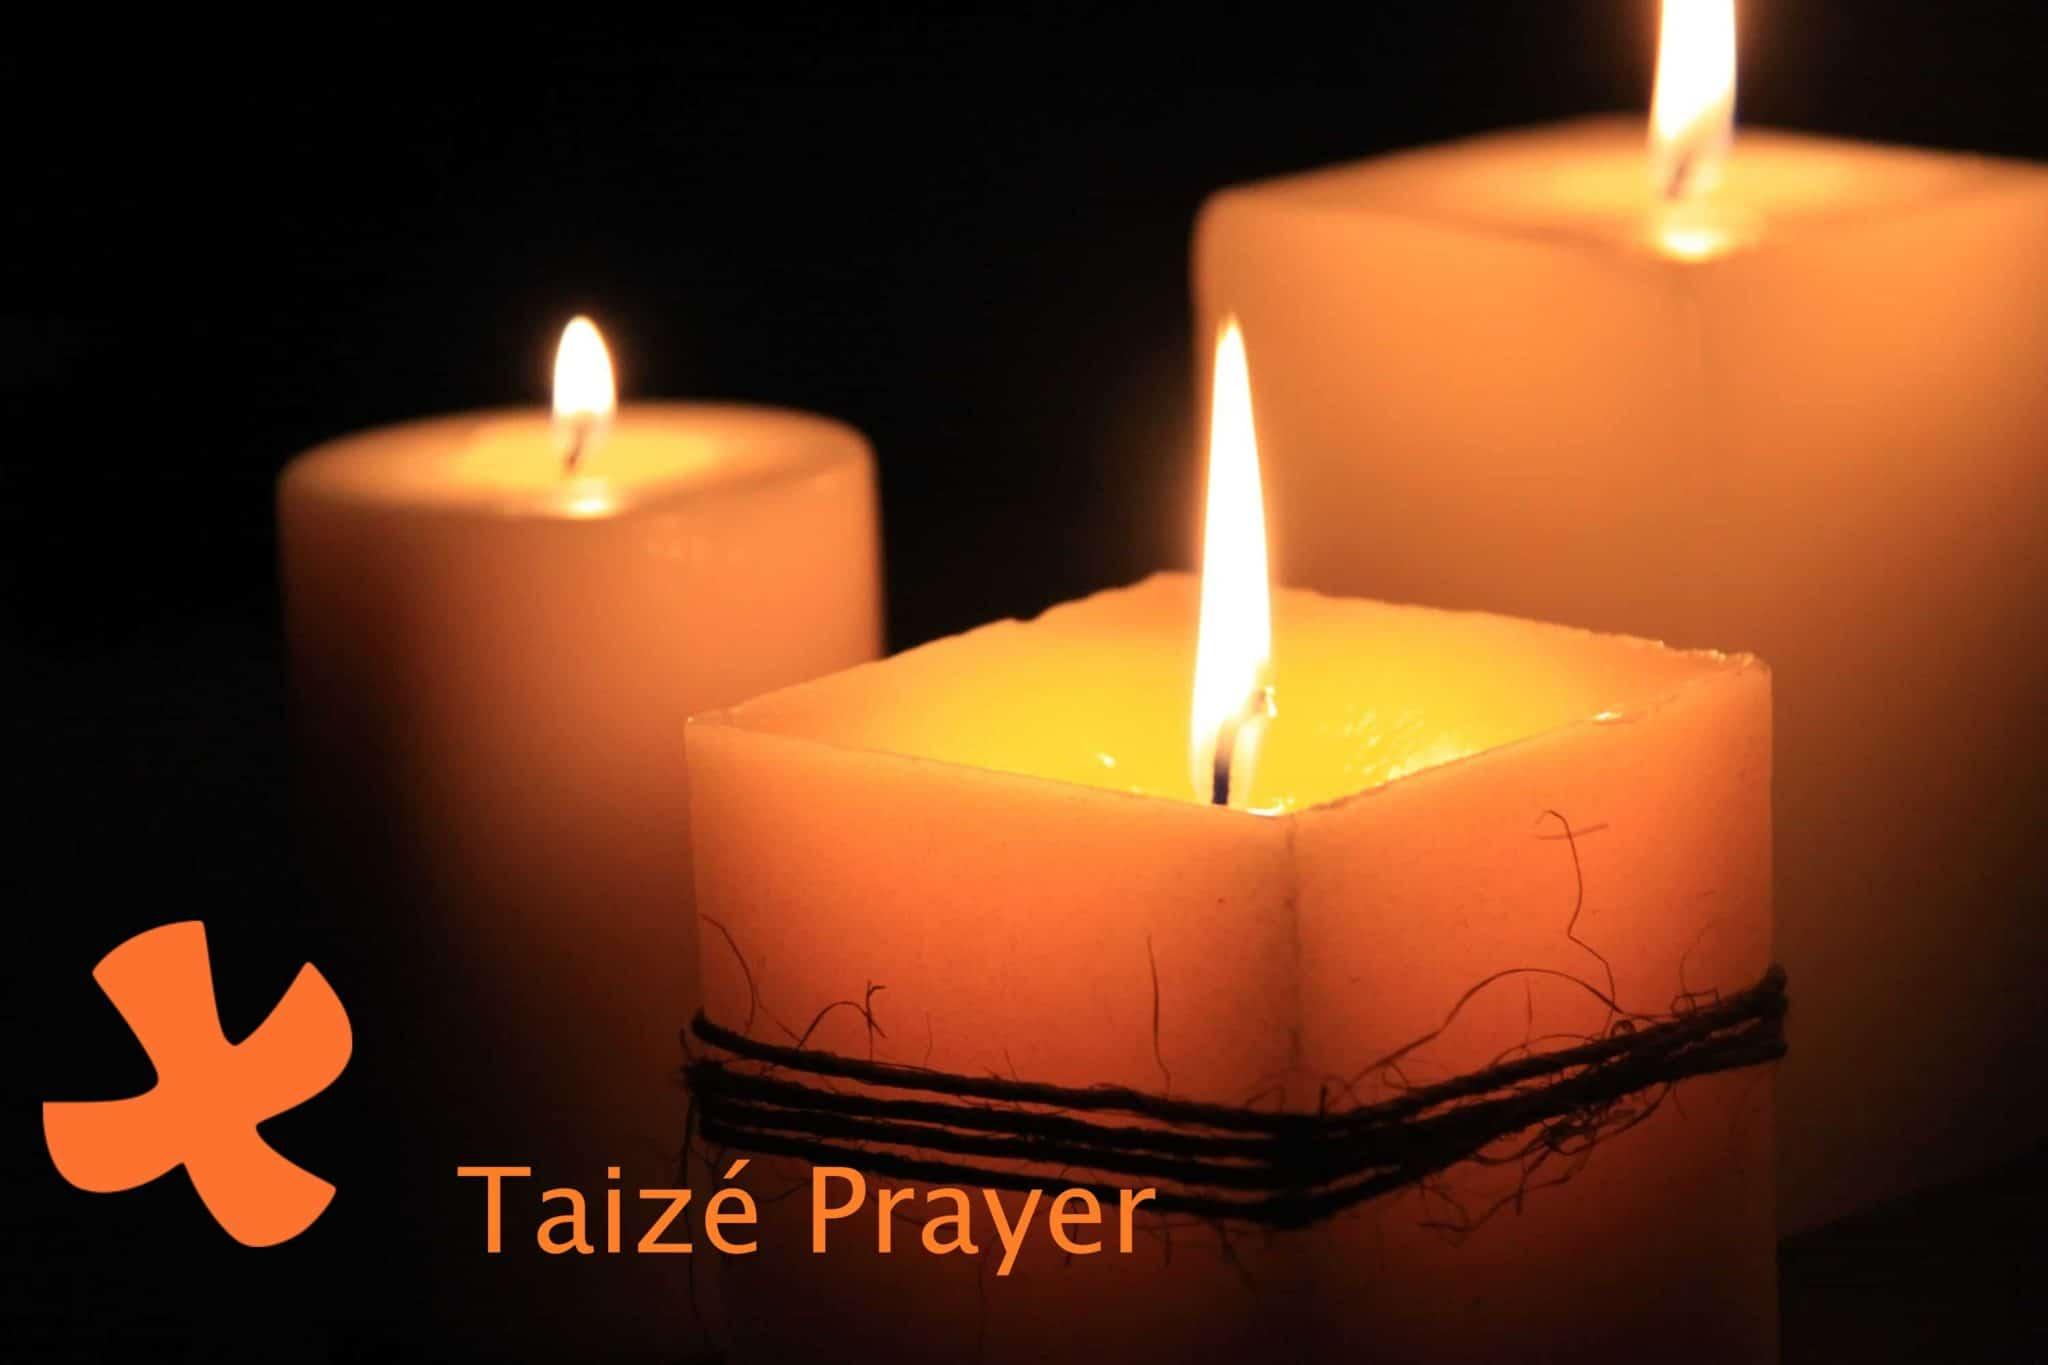 Taizé Prayer Candles